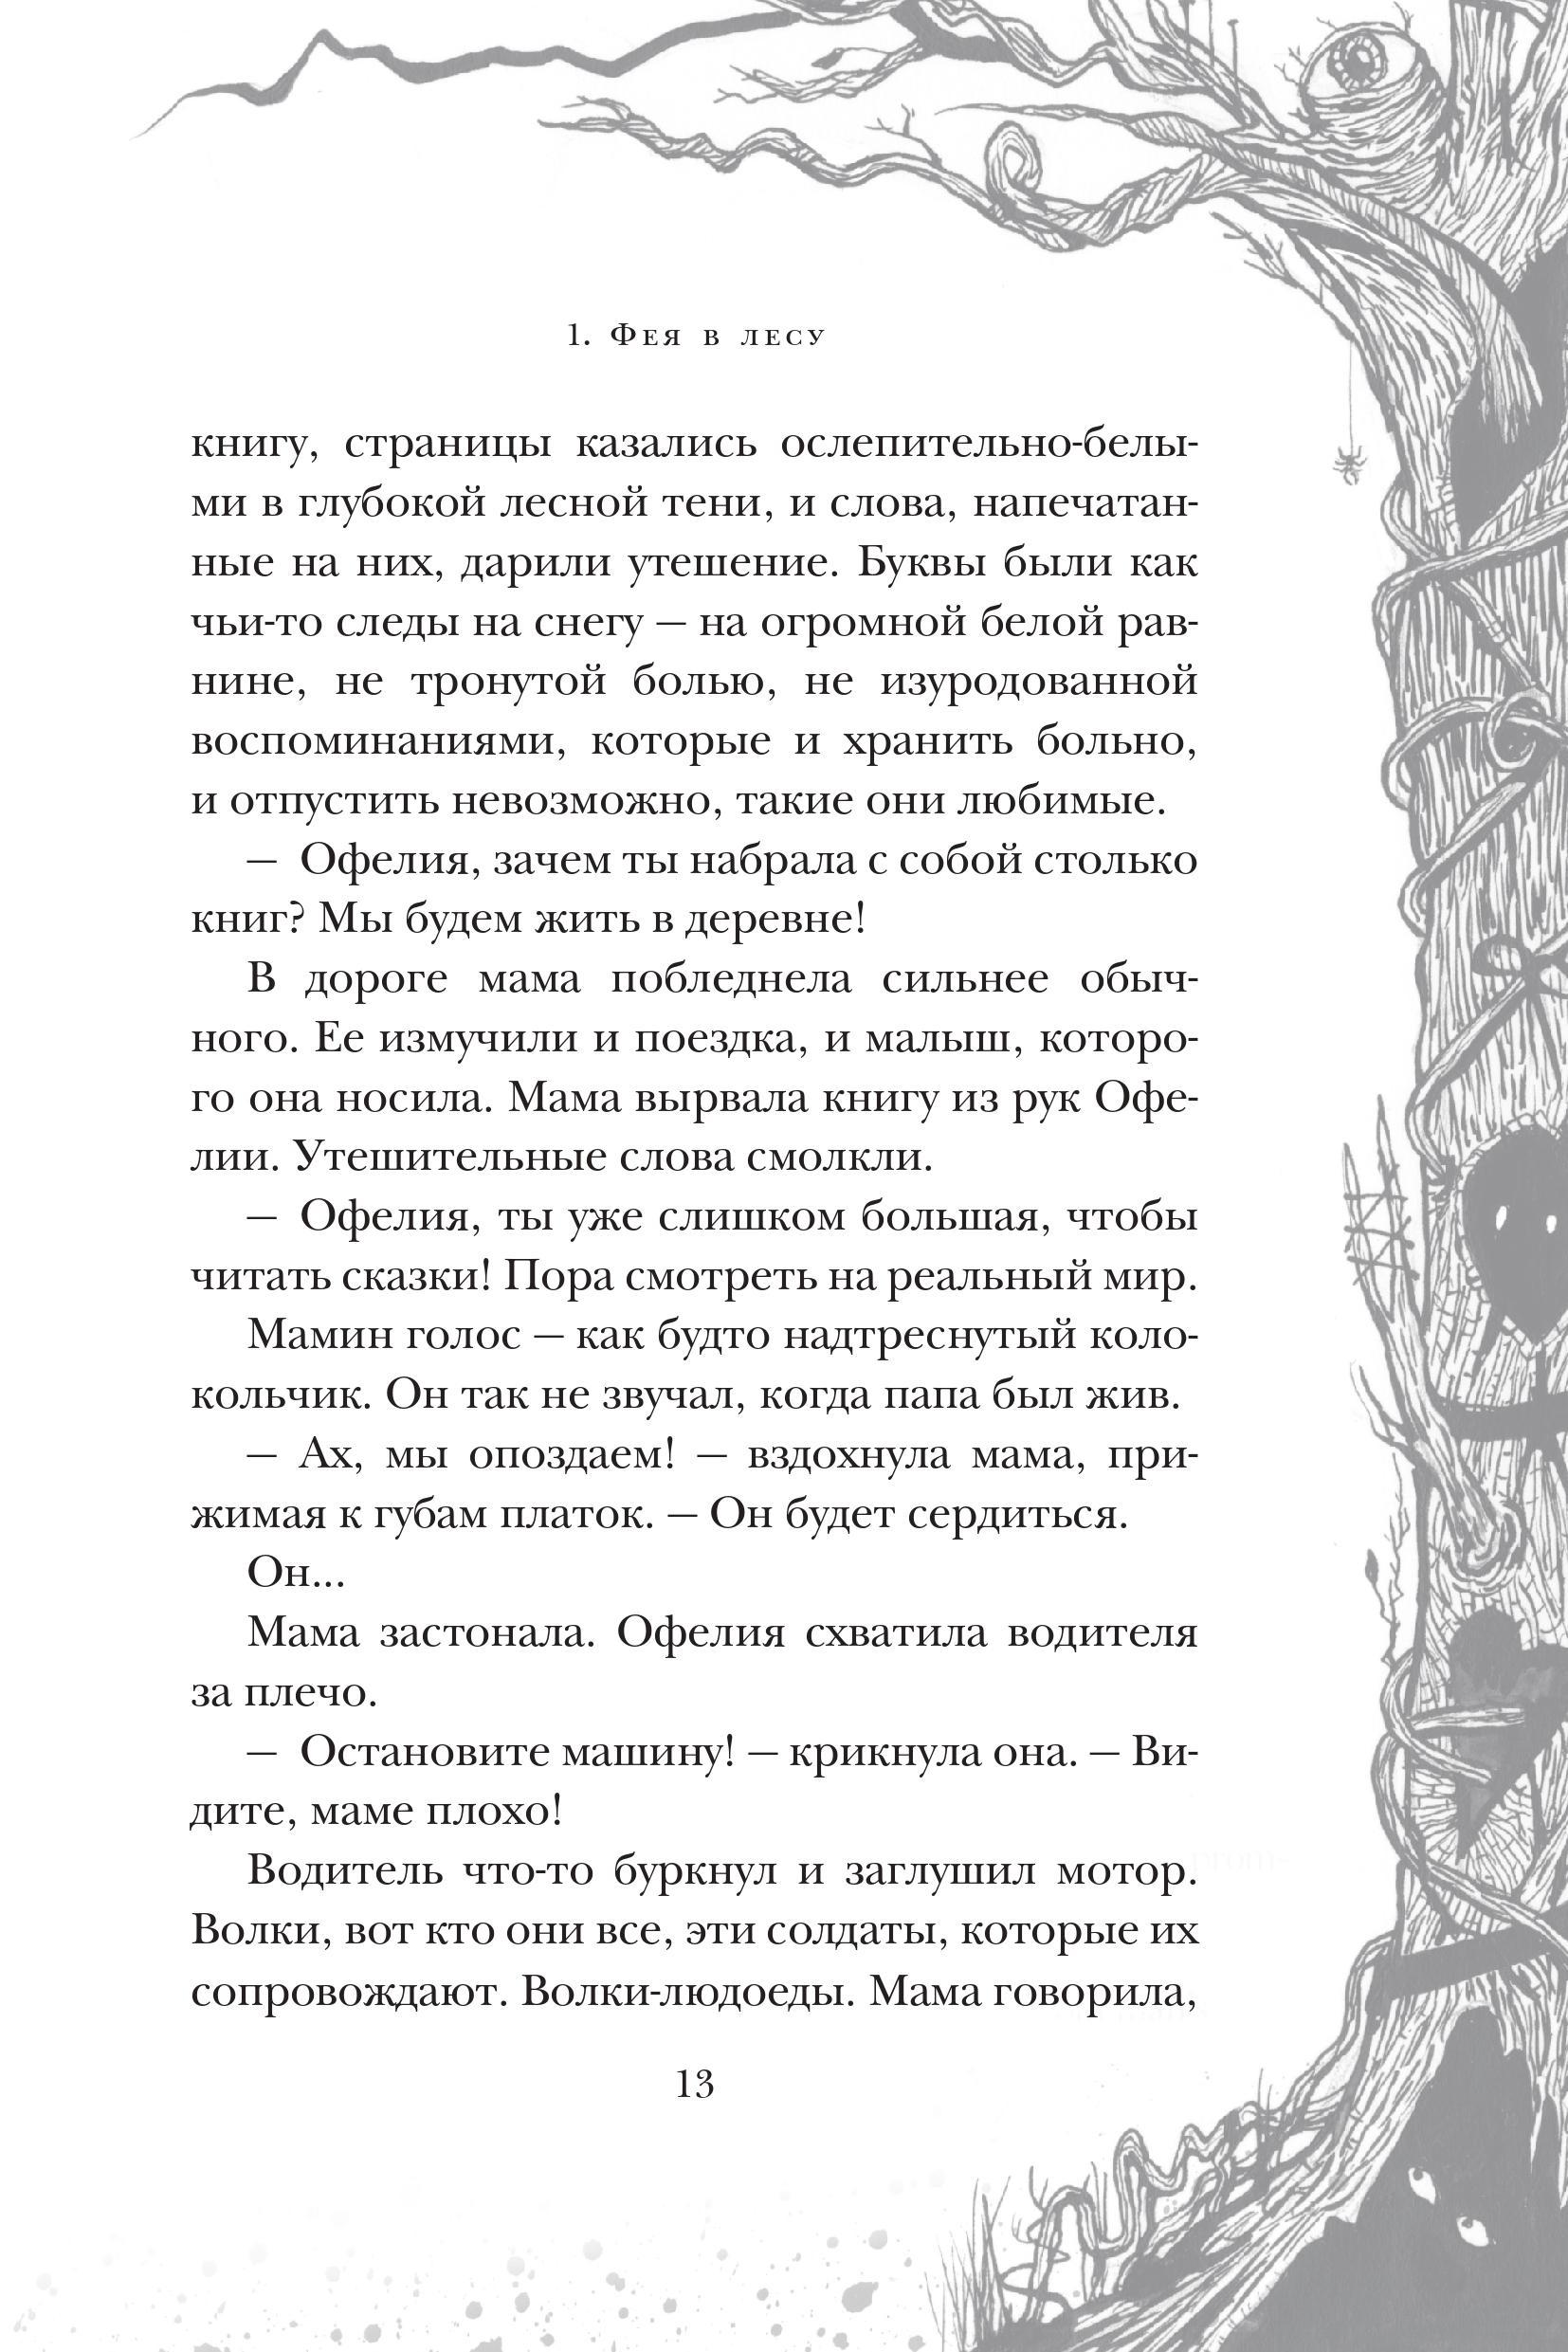 Мрачная сказка: отрывок из книги Гильермо Дель Торо и Корнелии Функе «Лабиринт Фавна» 5